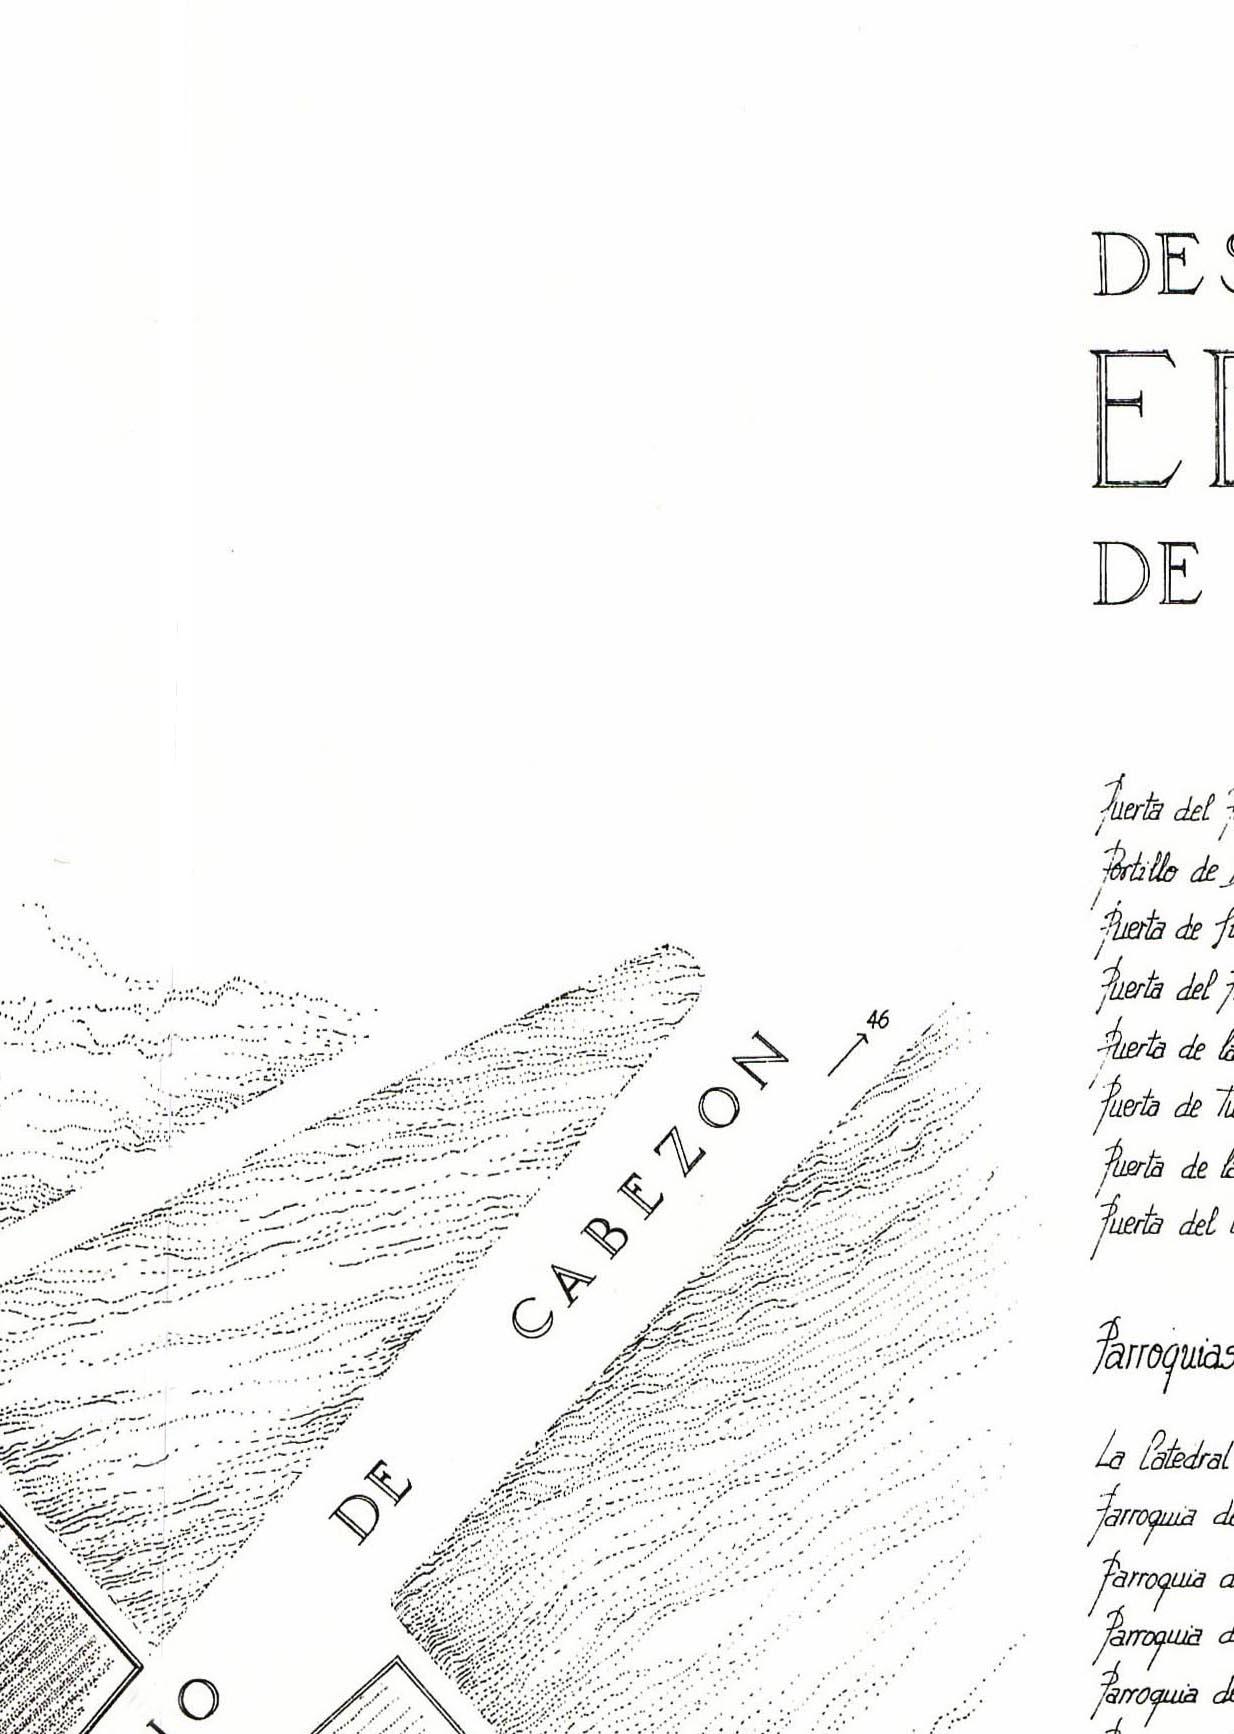 danielvillalobos-valladolid-blueprints-renaissance-b.9